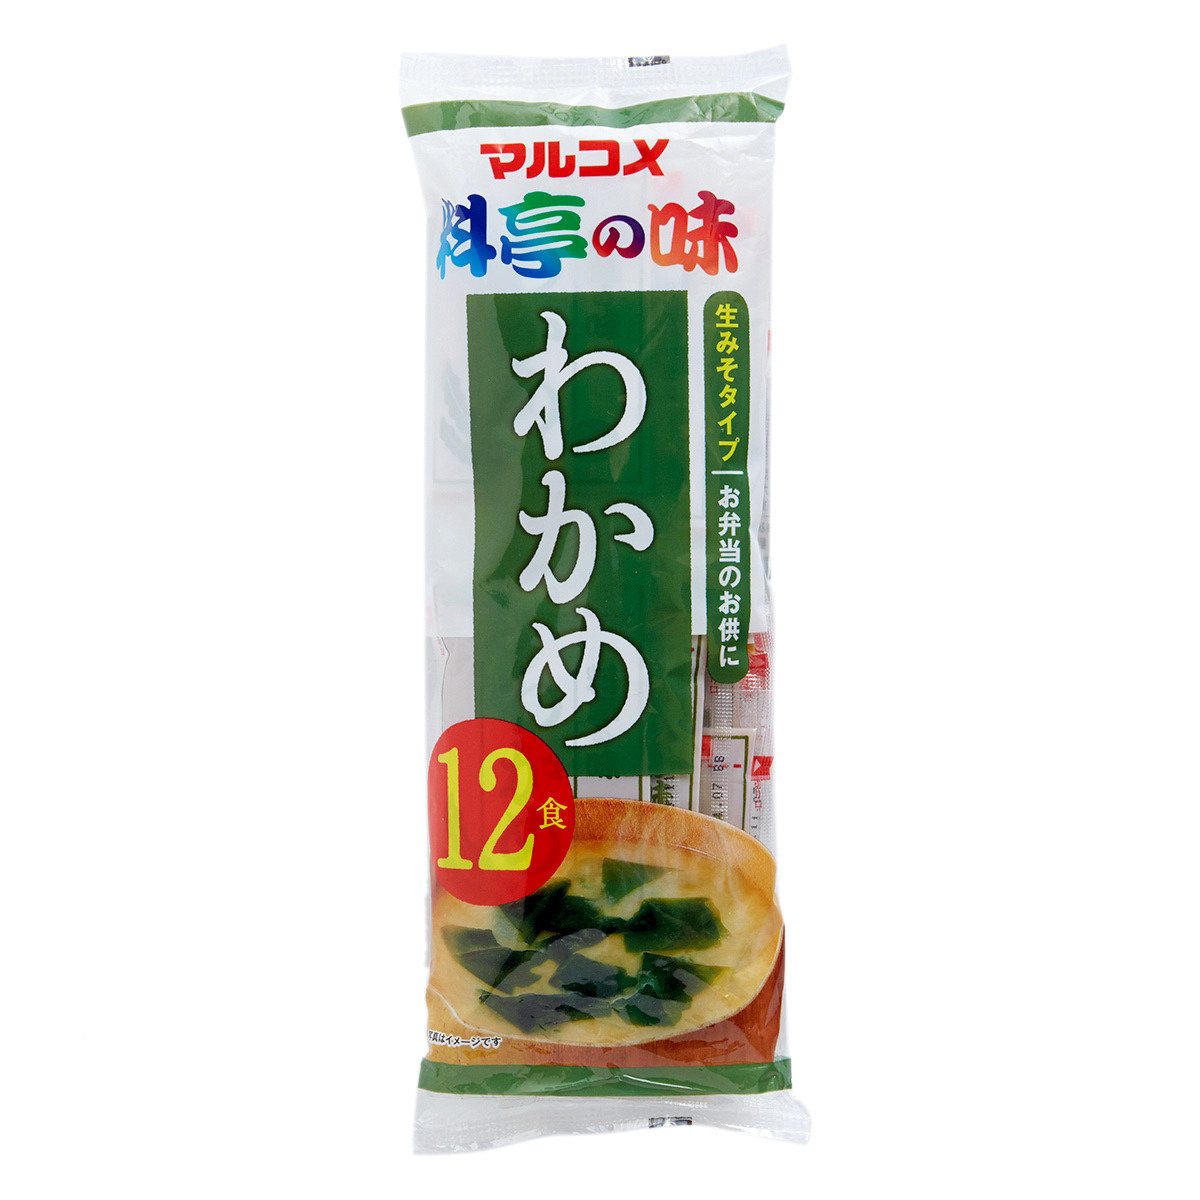 全新海帶即食麵豉湯(12食)